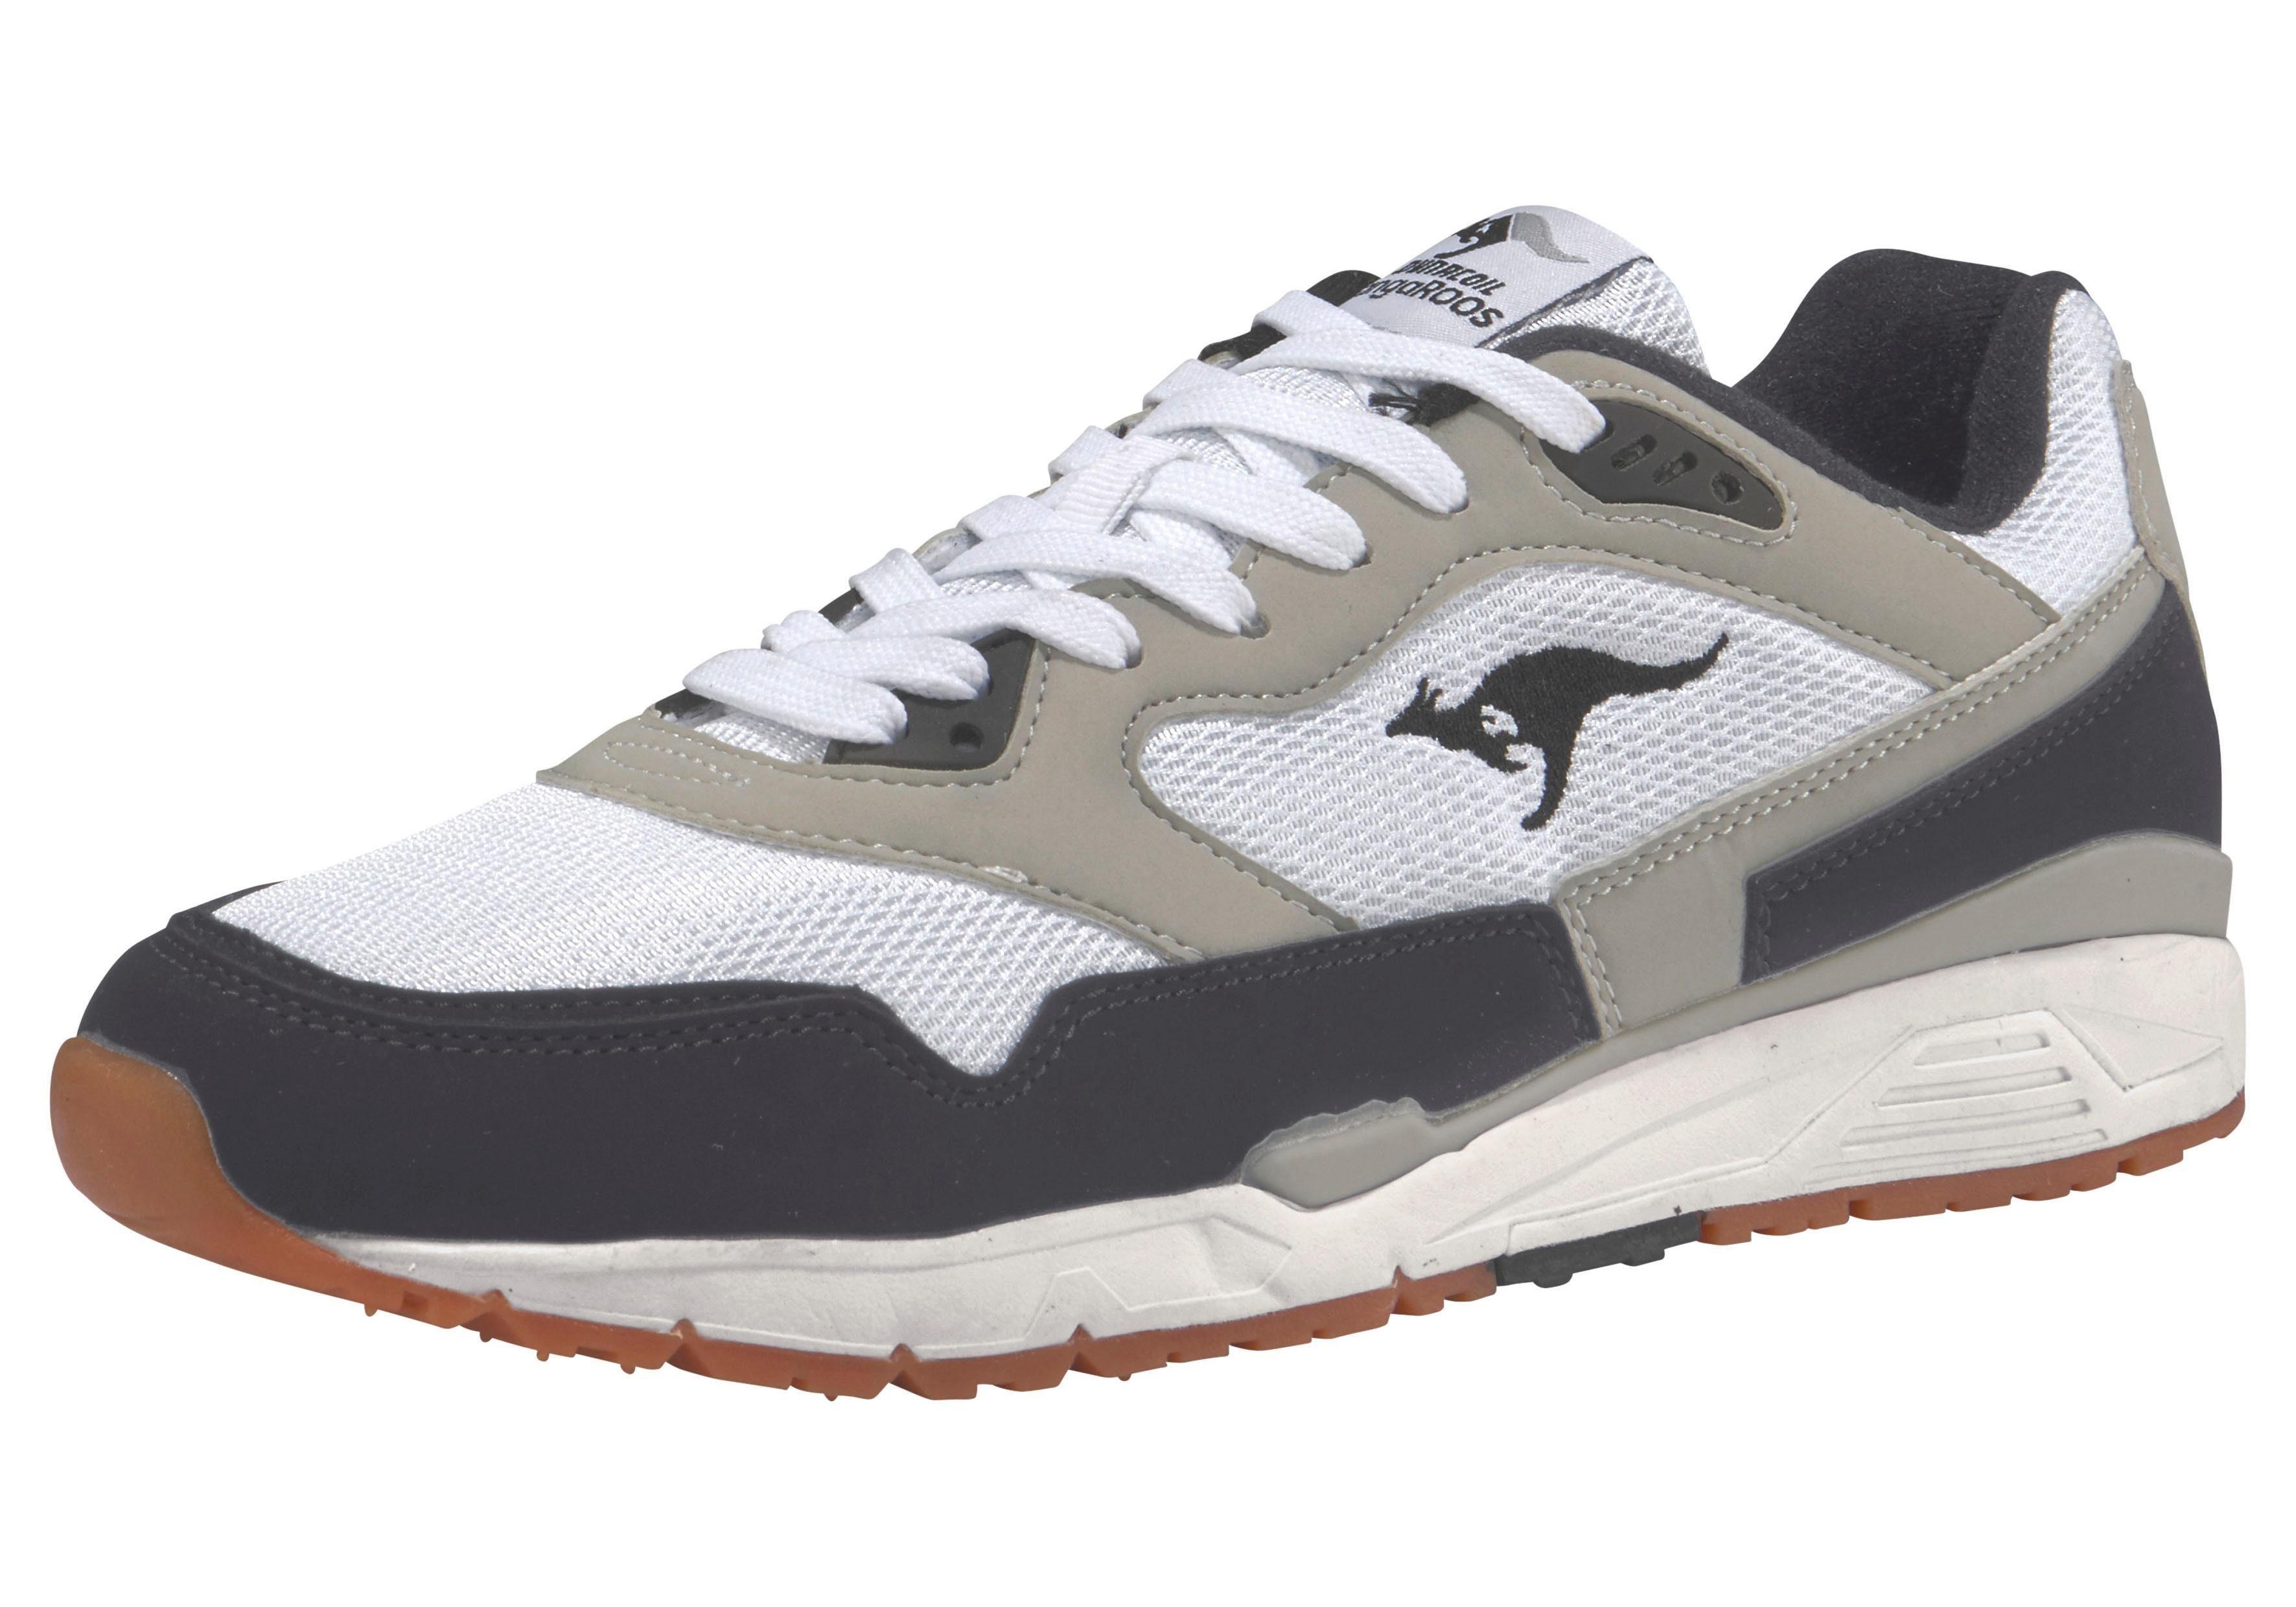 KangaROOS Ultimate Star OG Sneaker online kaufen  weiß-grau-schwarz